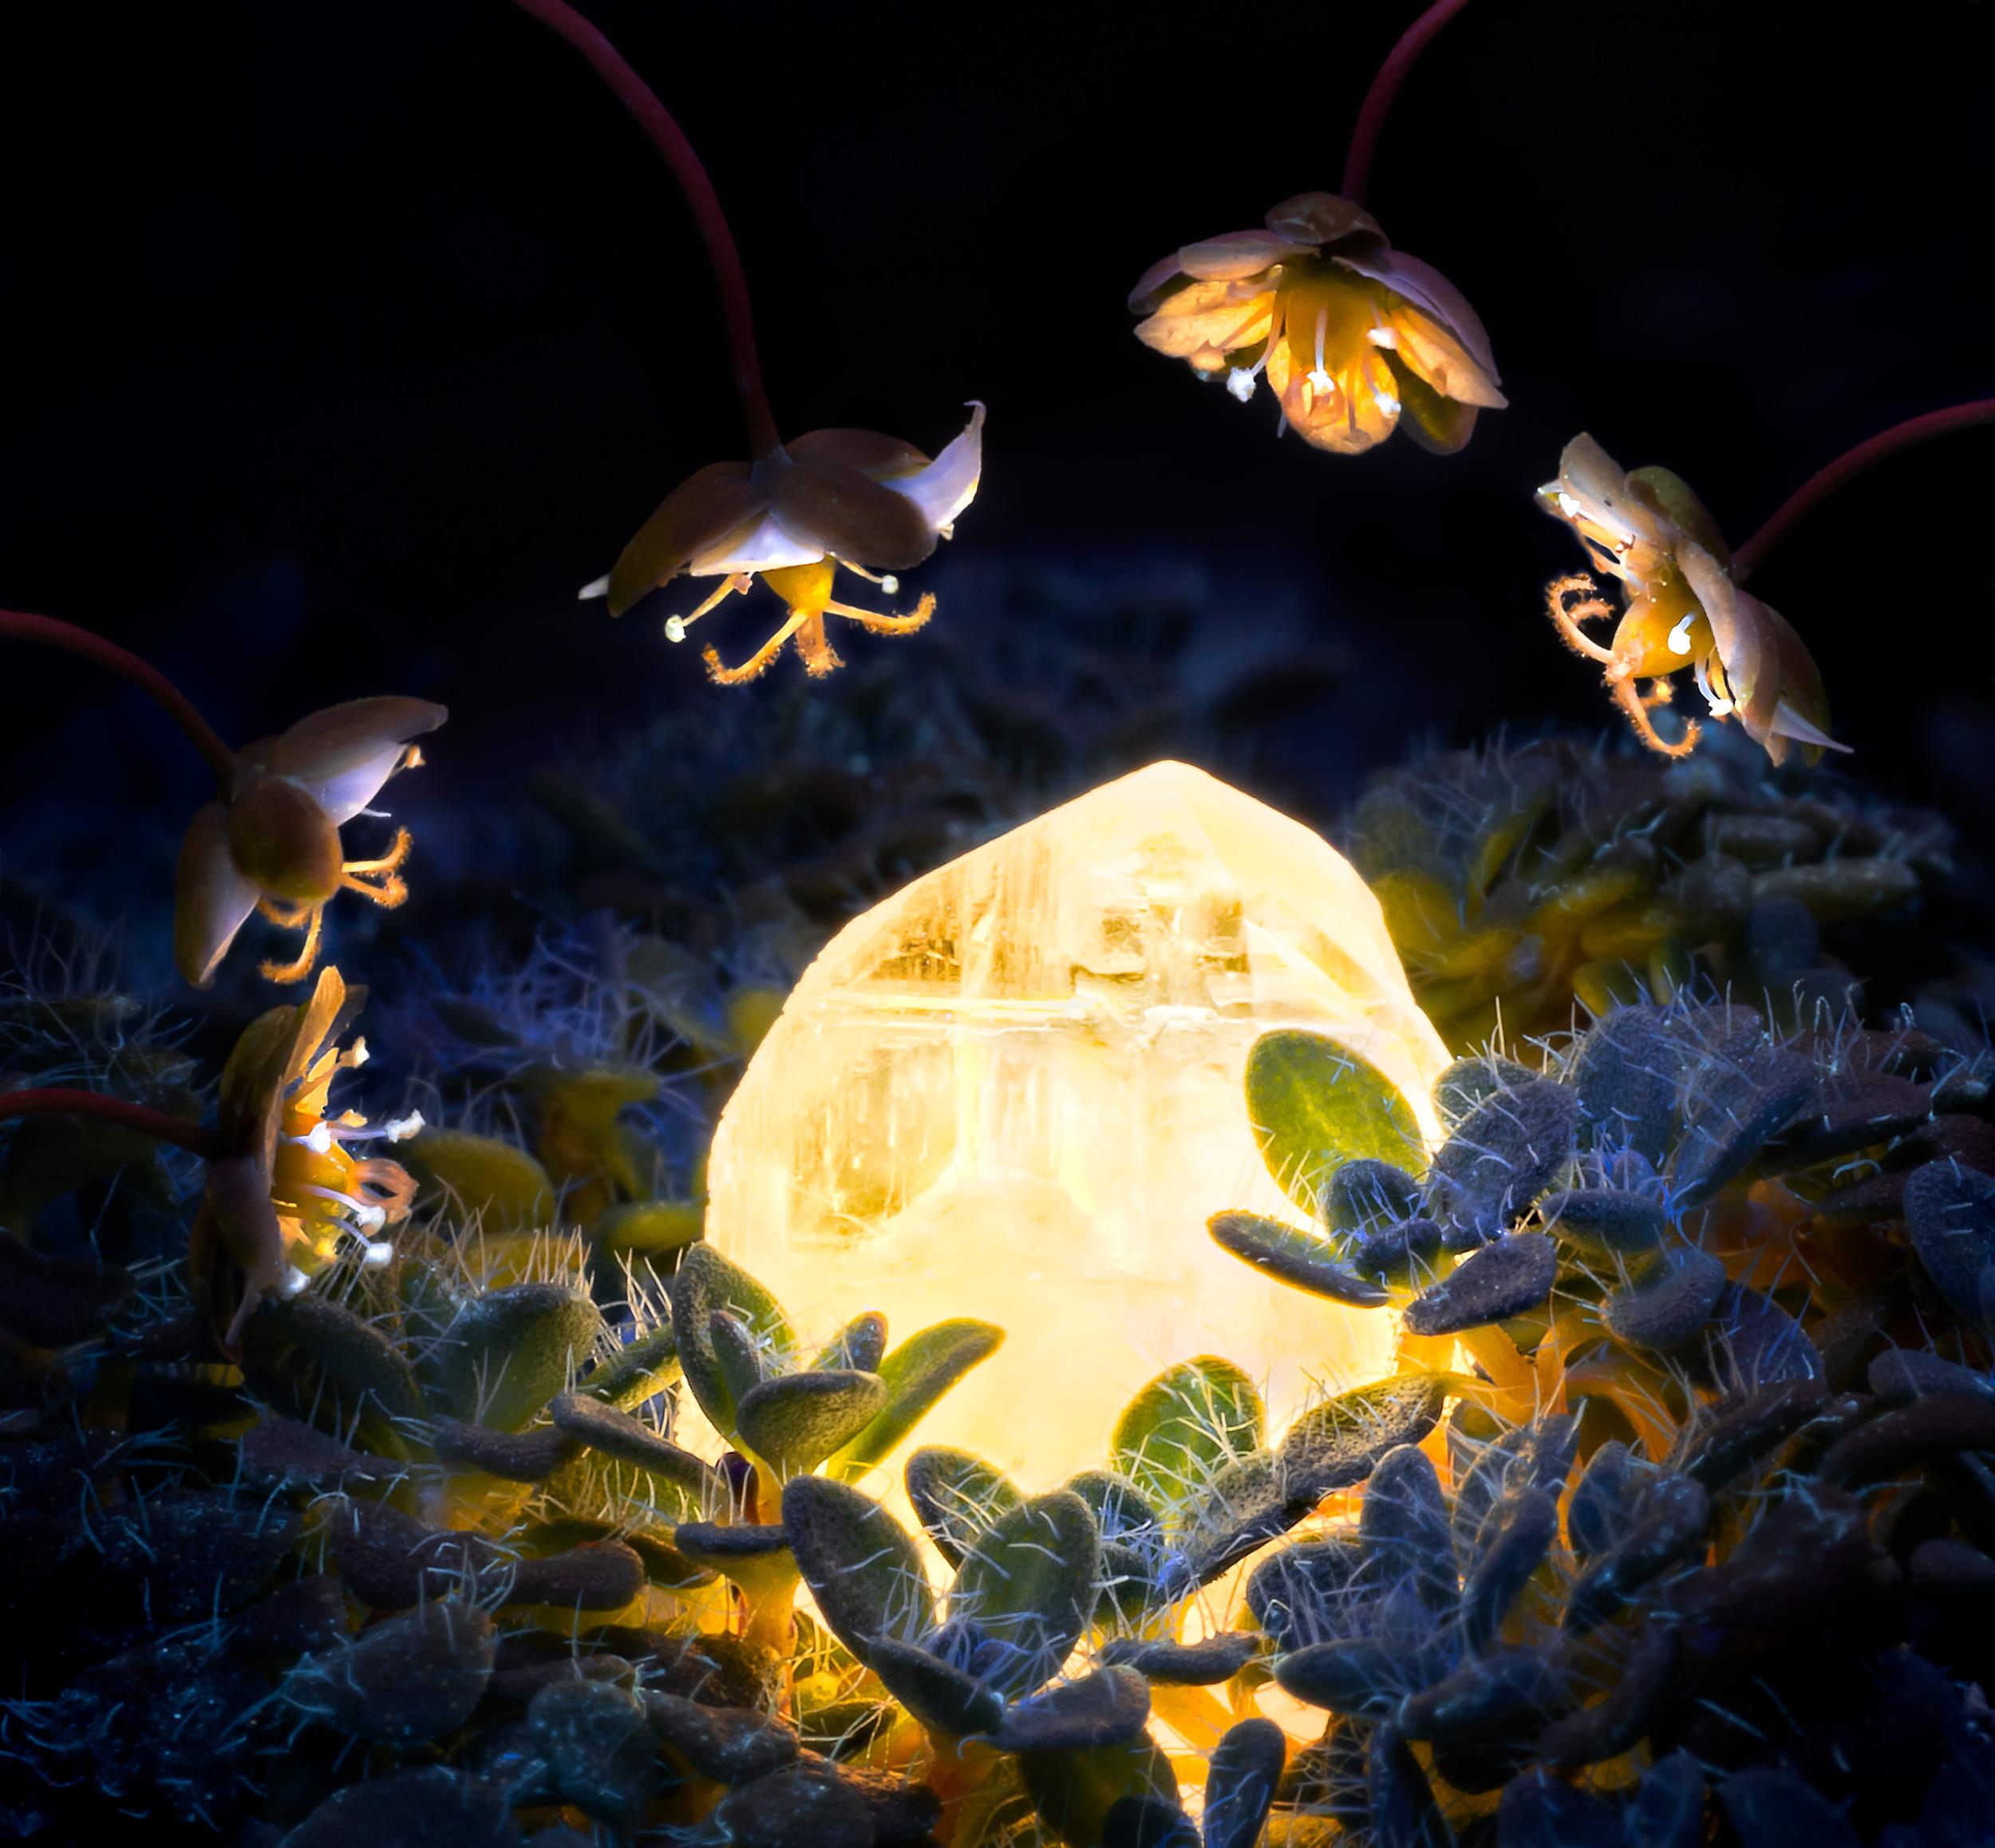 flower macro photography artificial light.jpg